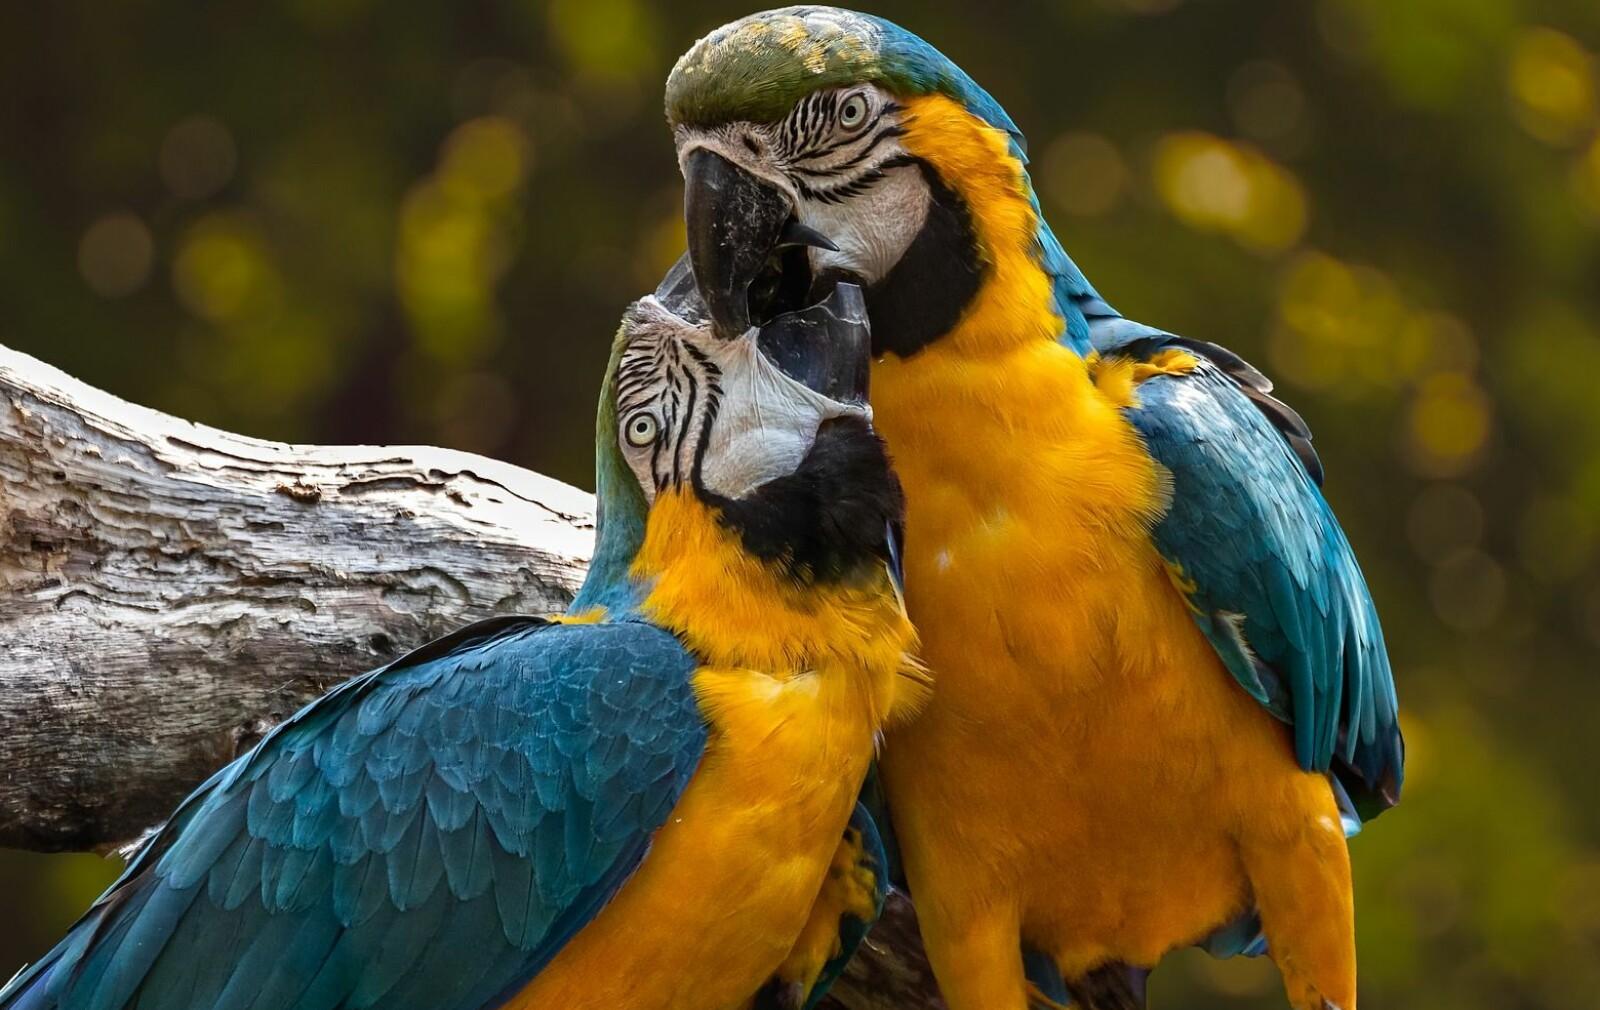 fugler fra pixabay.com